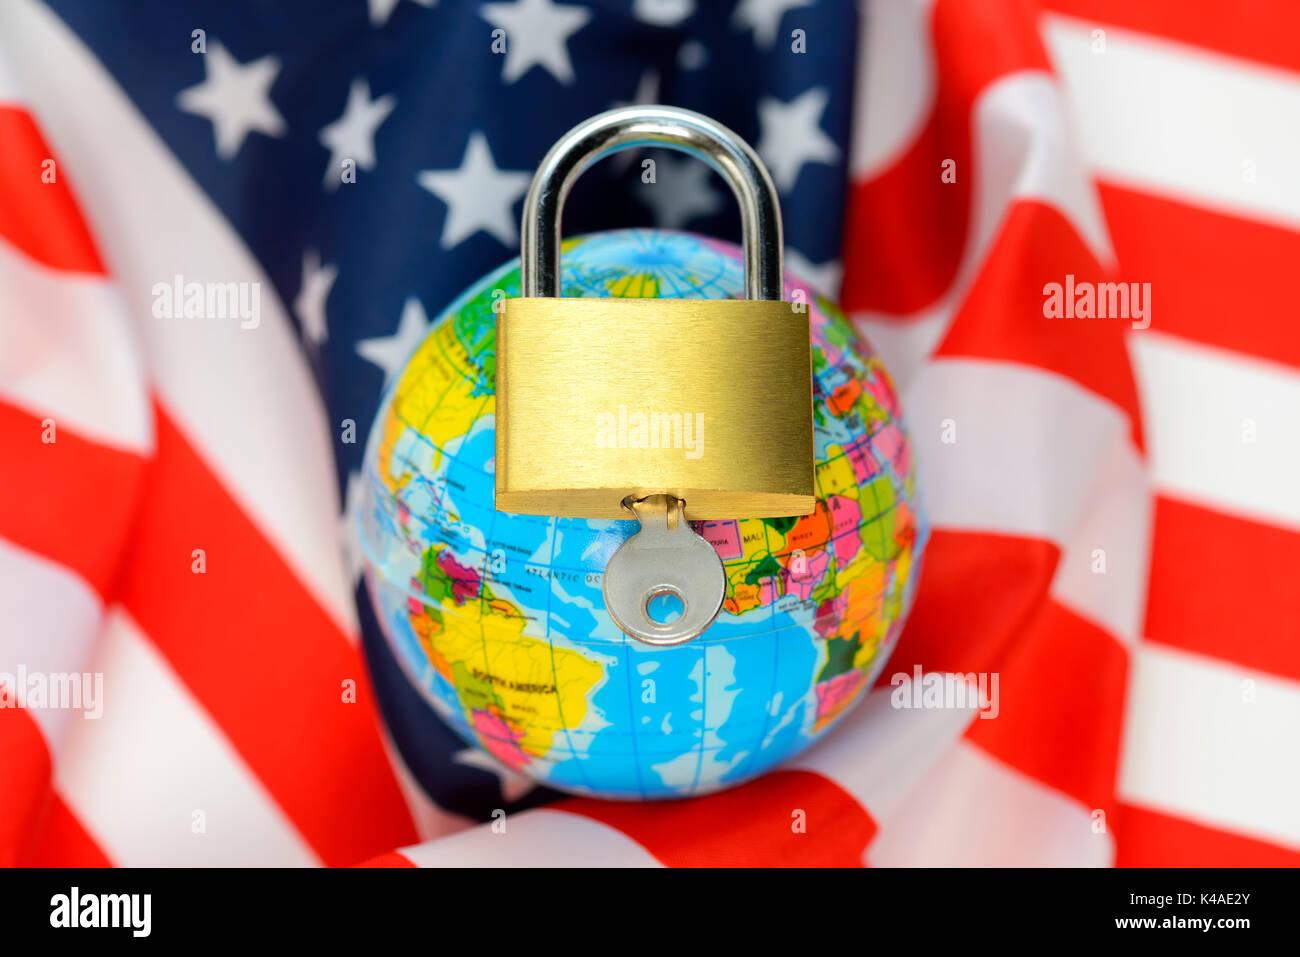 Nous globe enveloppé dans un drapeau et cadenas fermé, la politique de sécurité nous Photo Stock